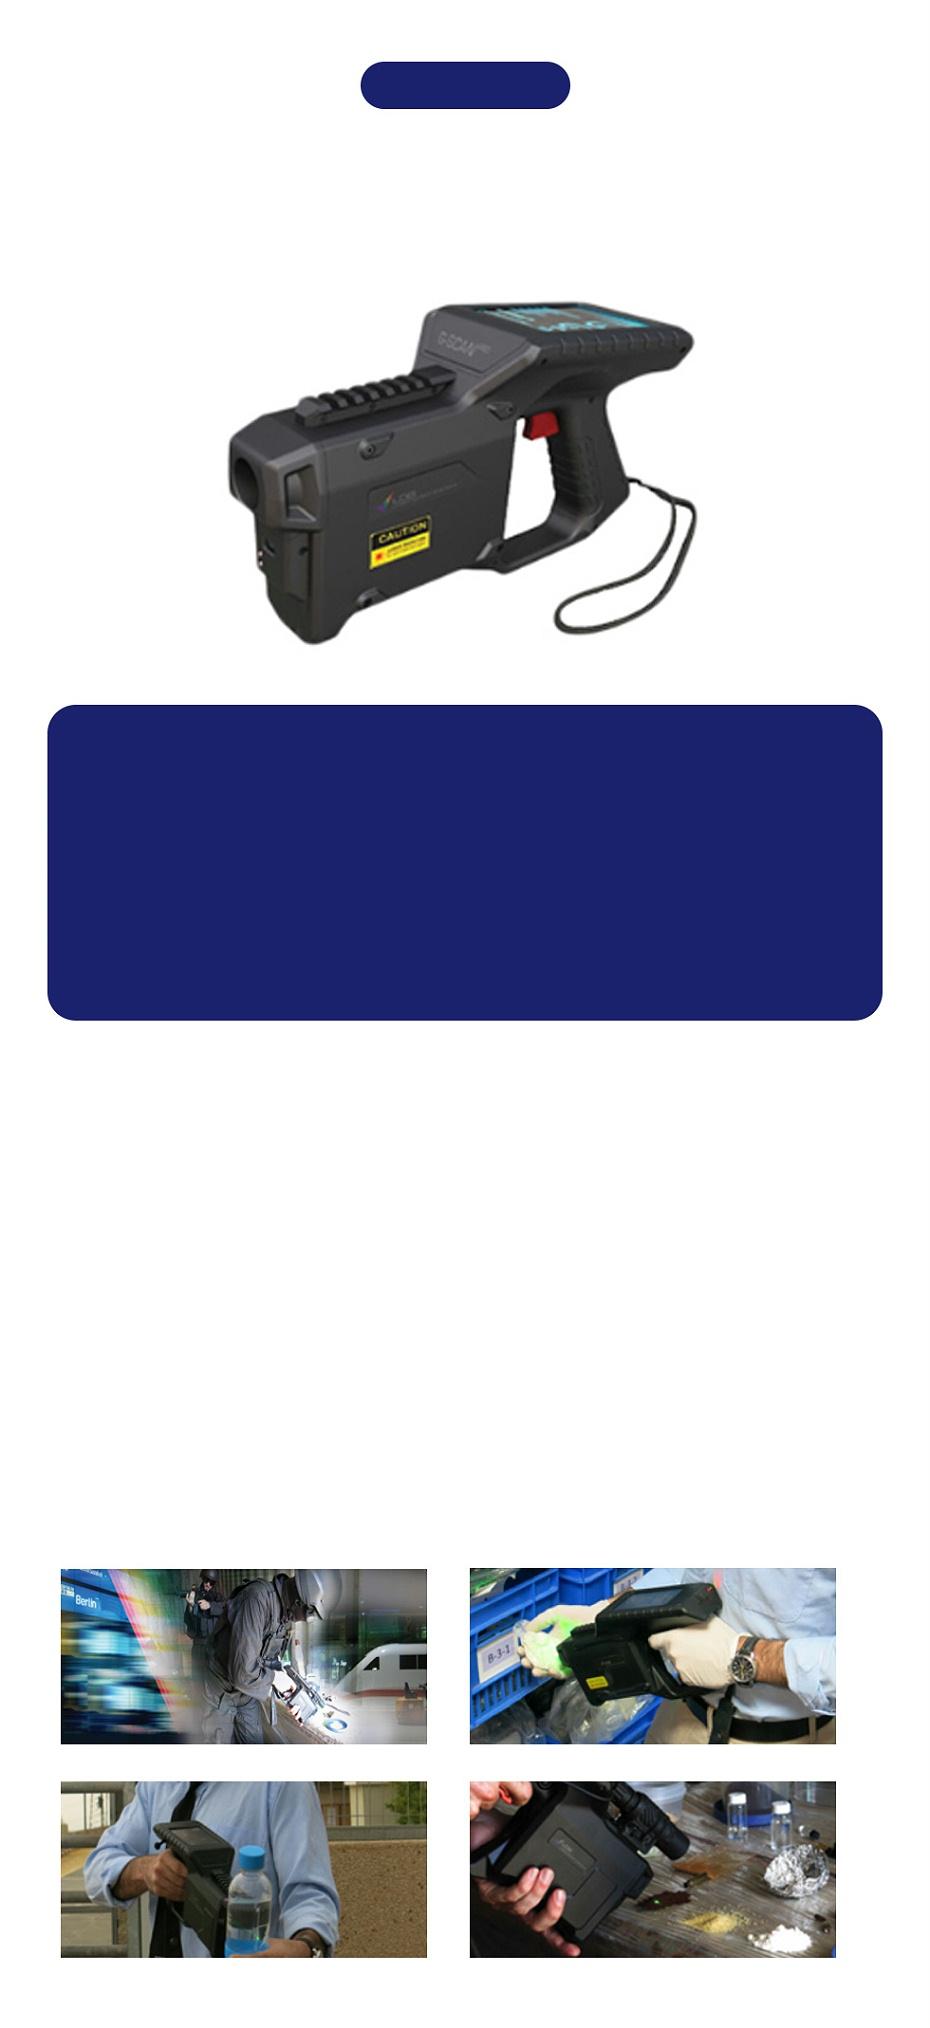 以色列-G-SCAN-手持式拉曼光谱仪